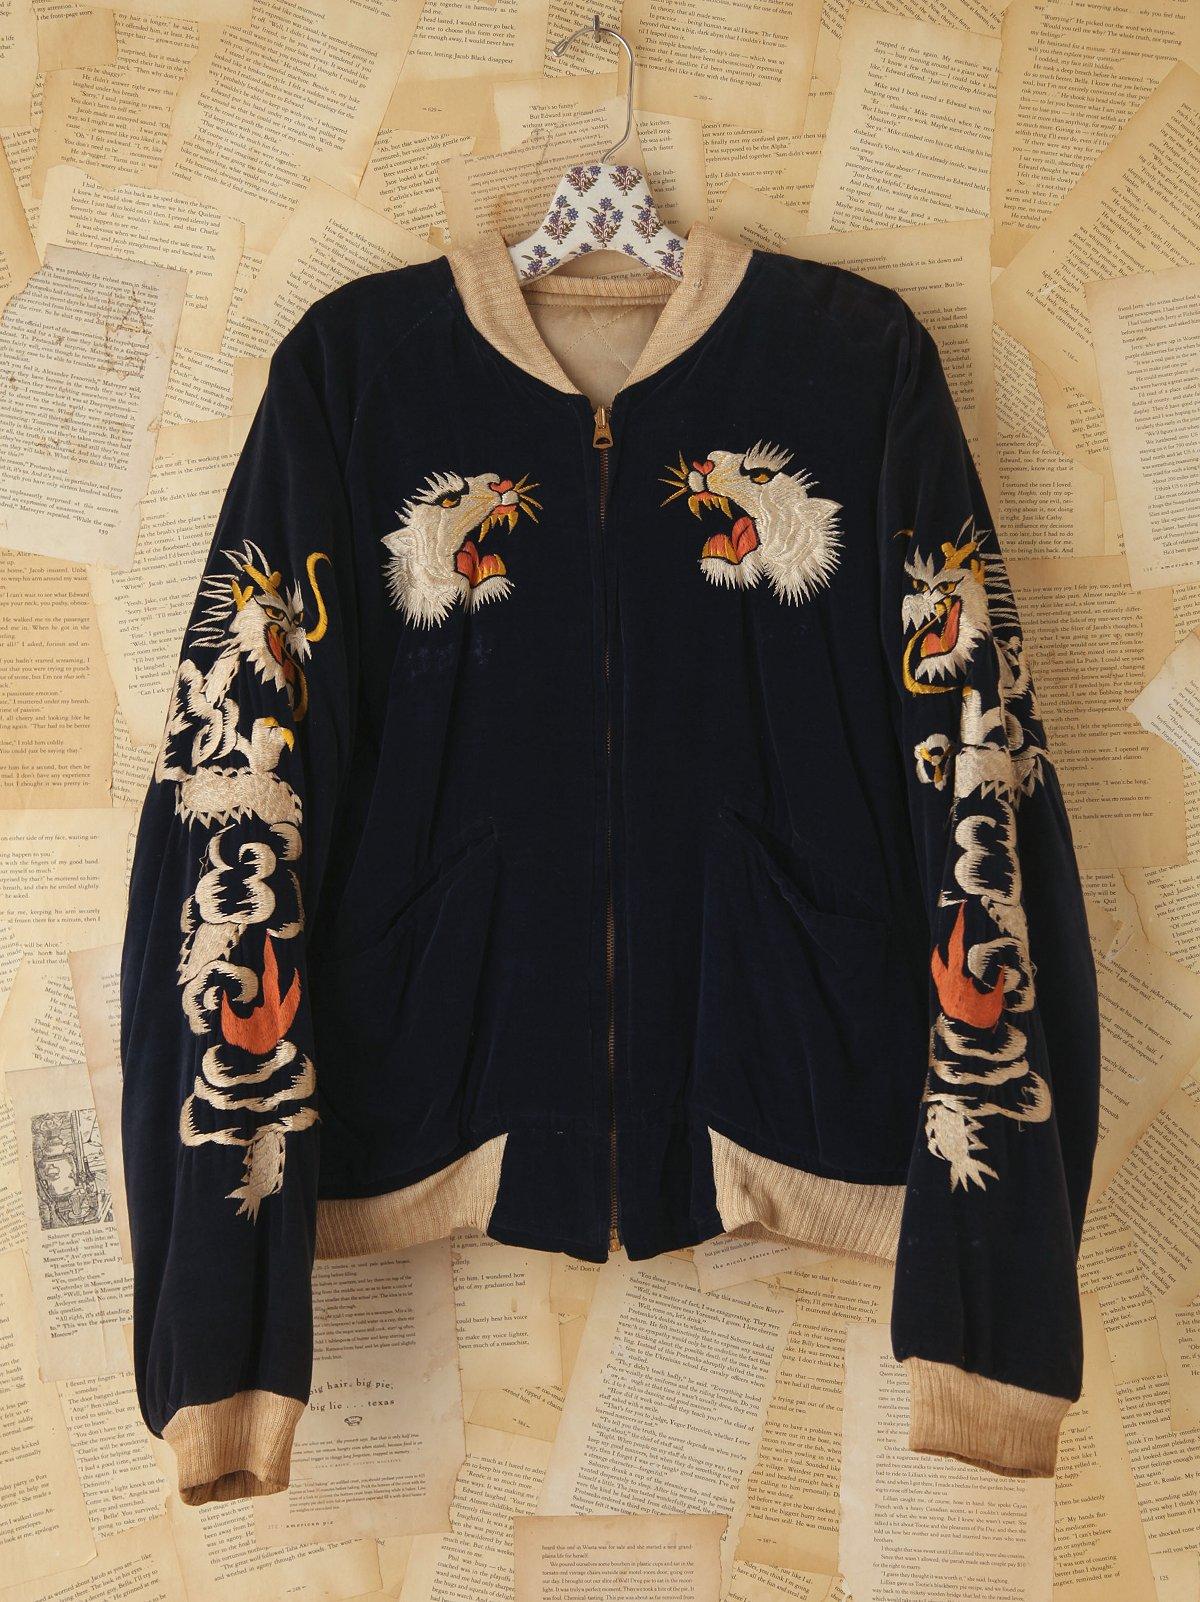 Vintage Reversible Embroidered Bomber Jacket